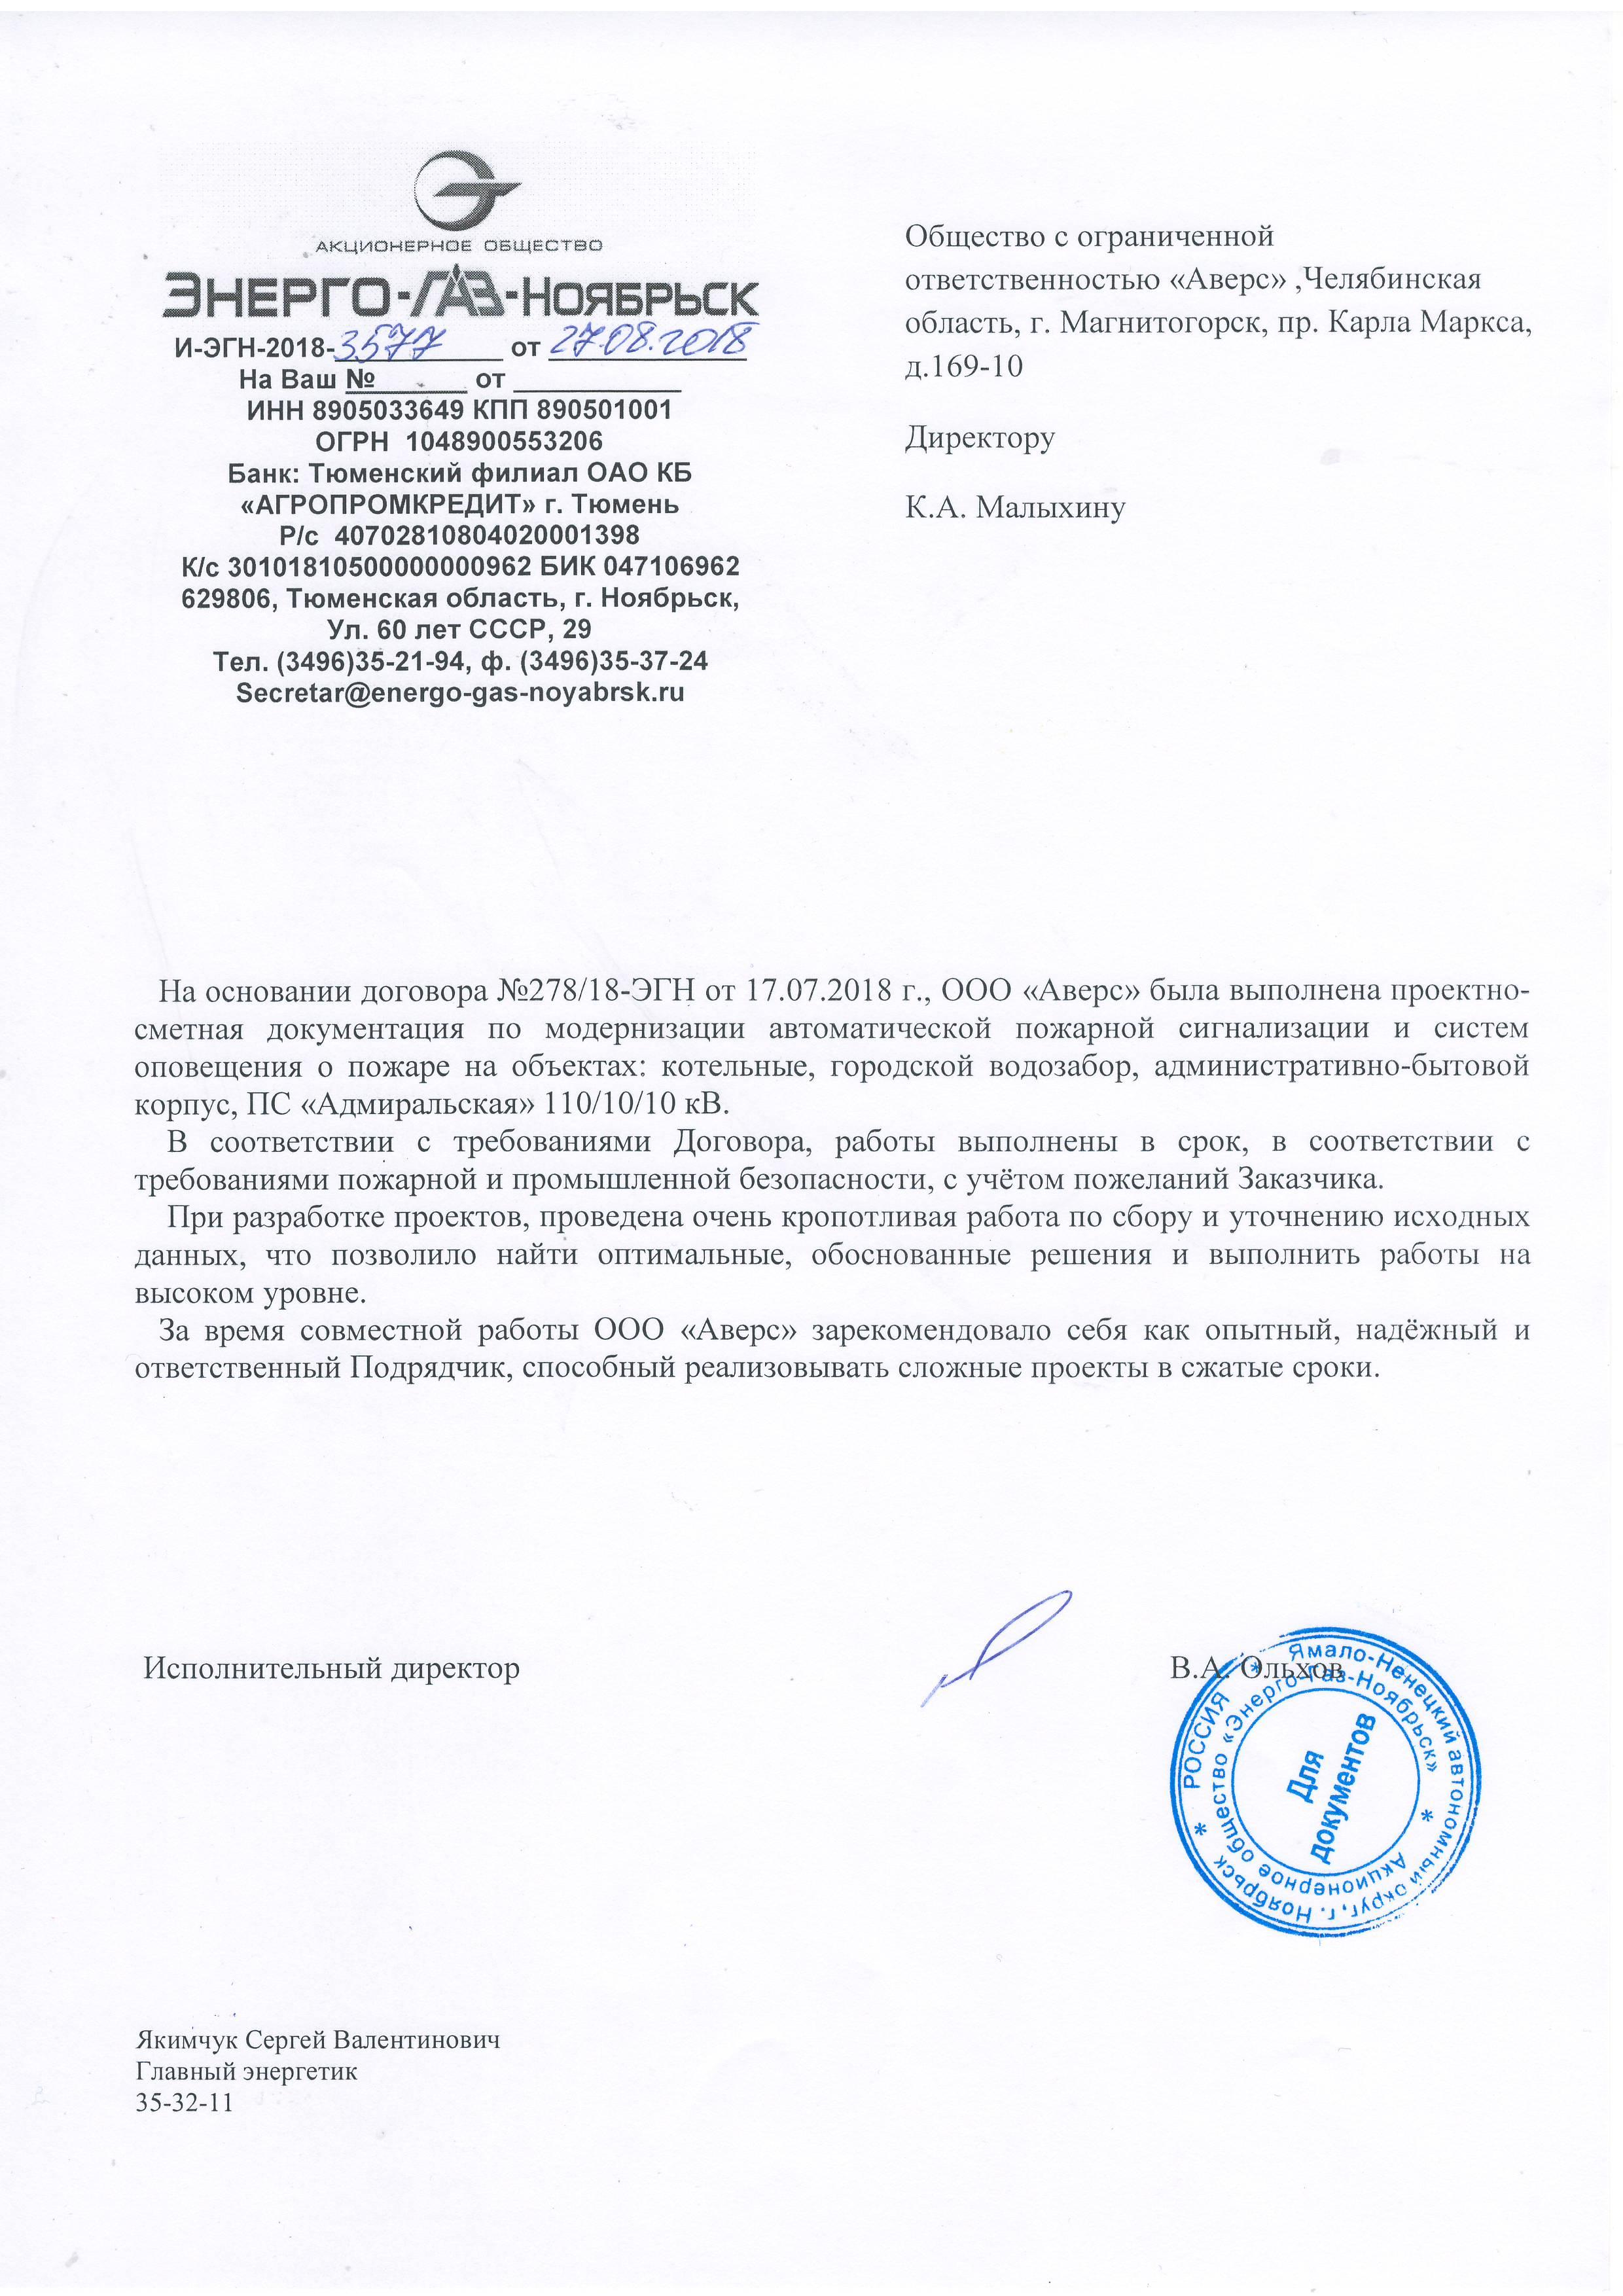 отзыв АО «Энерго-Газ-Ноябрьск»